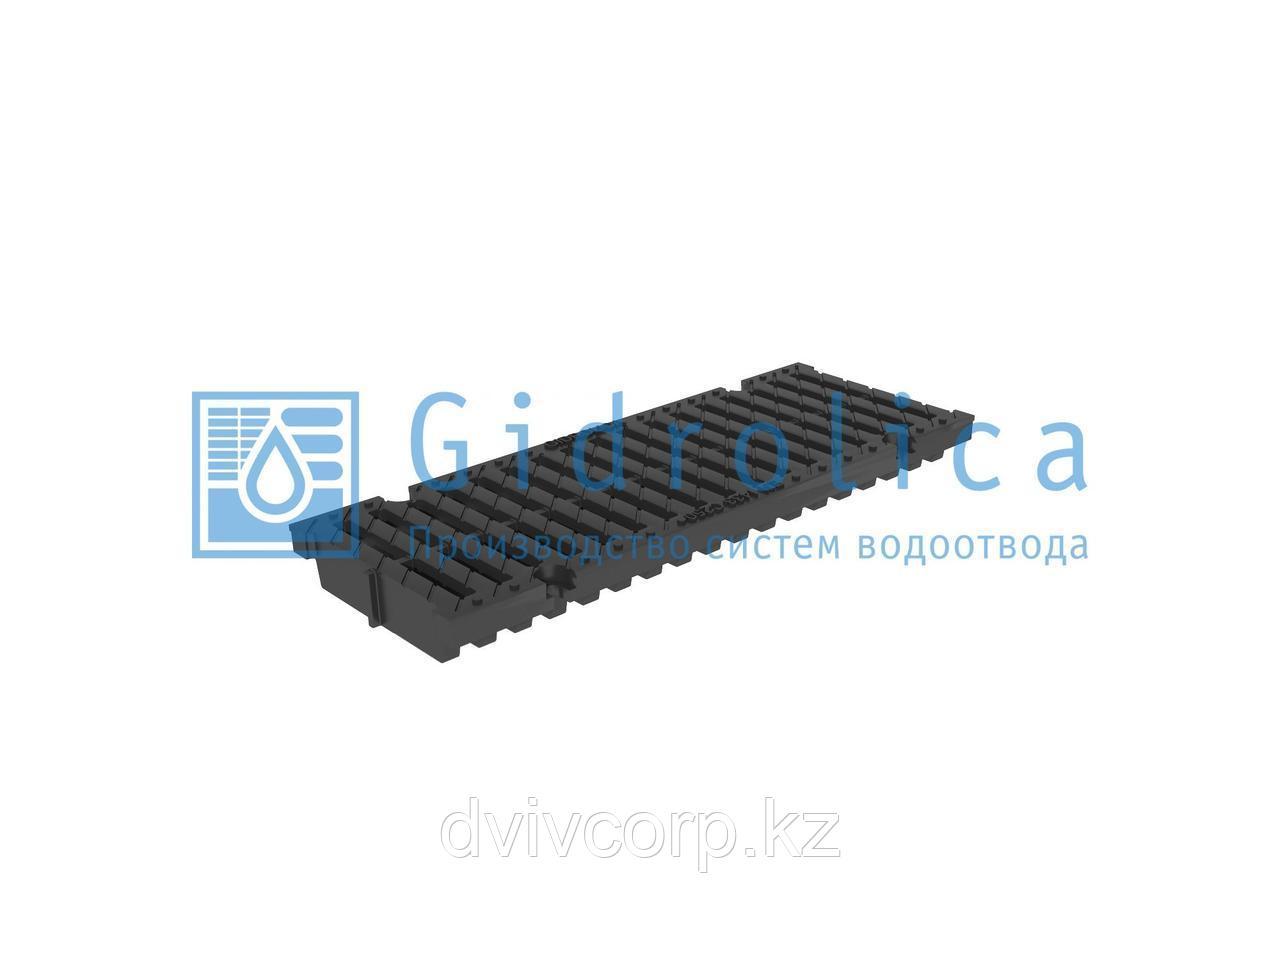 Арт. 512 Решетка водоприемная Gidrolica Pro РВ -15.18,8.50 - щелевая пластиковая, кл. С250